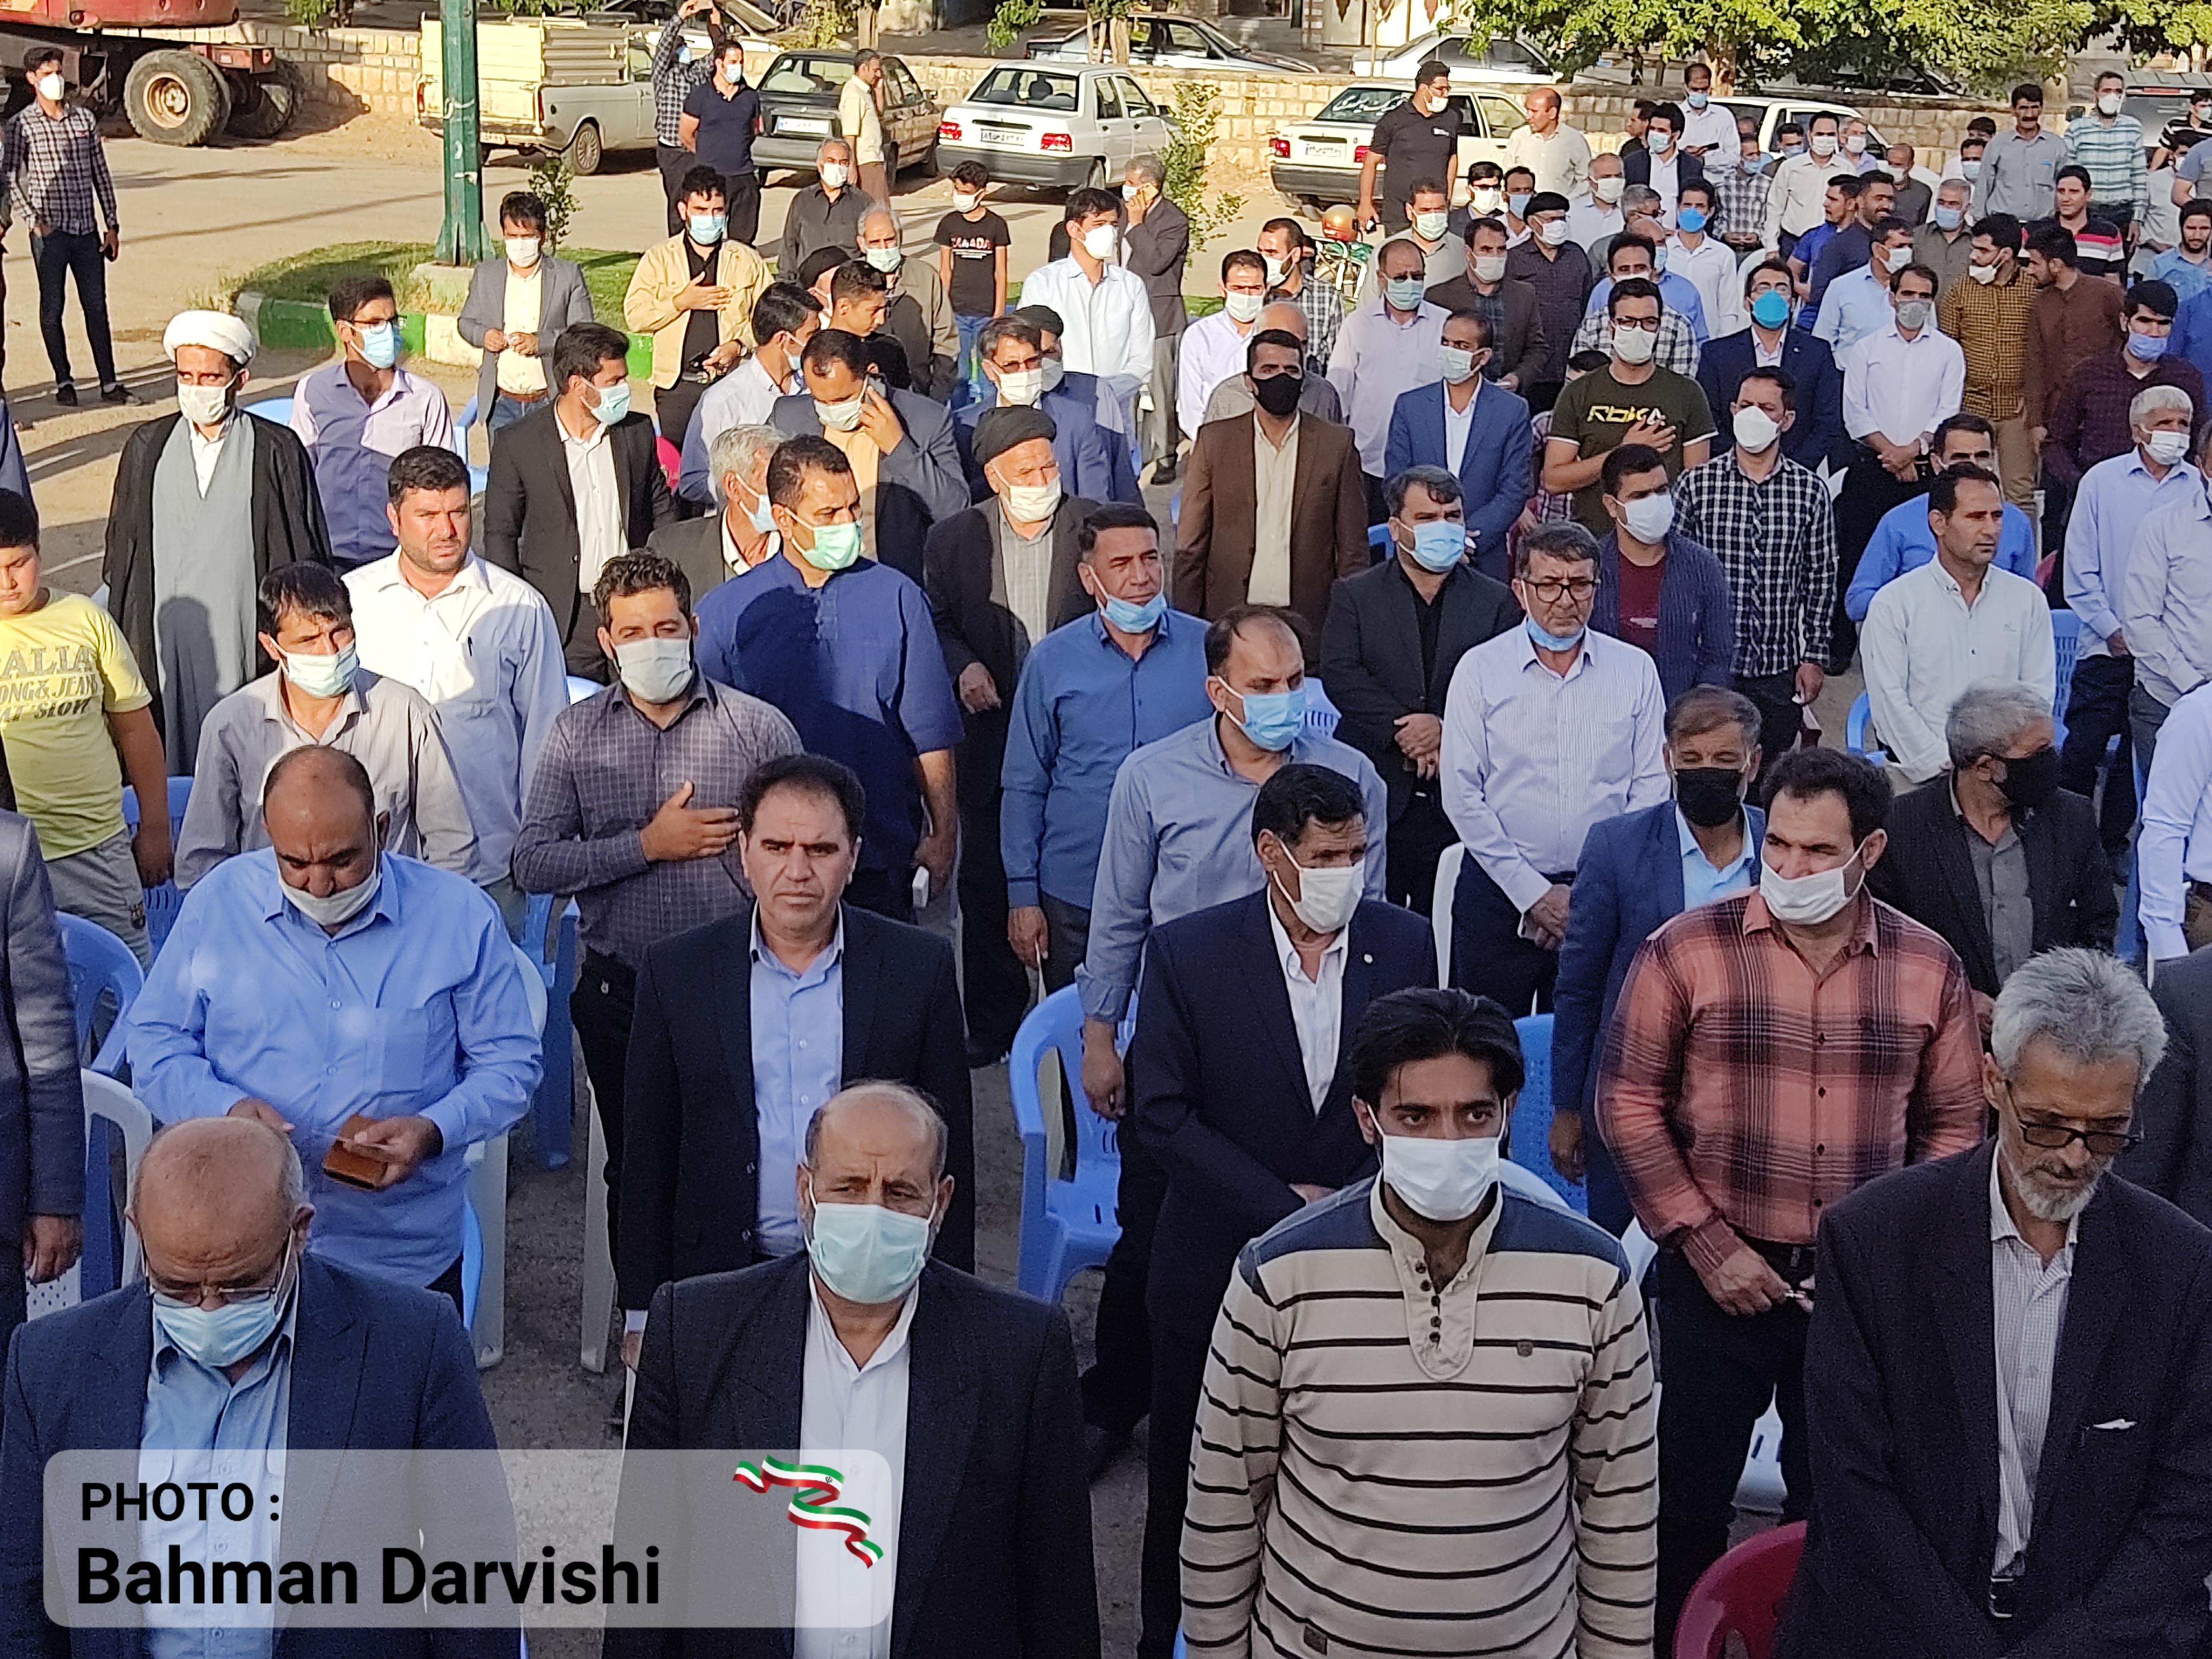 ستاد مرکزی شورای ائتلاف آیت الله رئیسی در شهرستان کوهدشت افتتاح شد